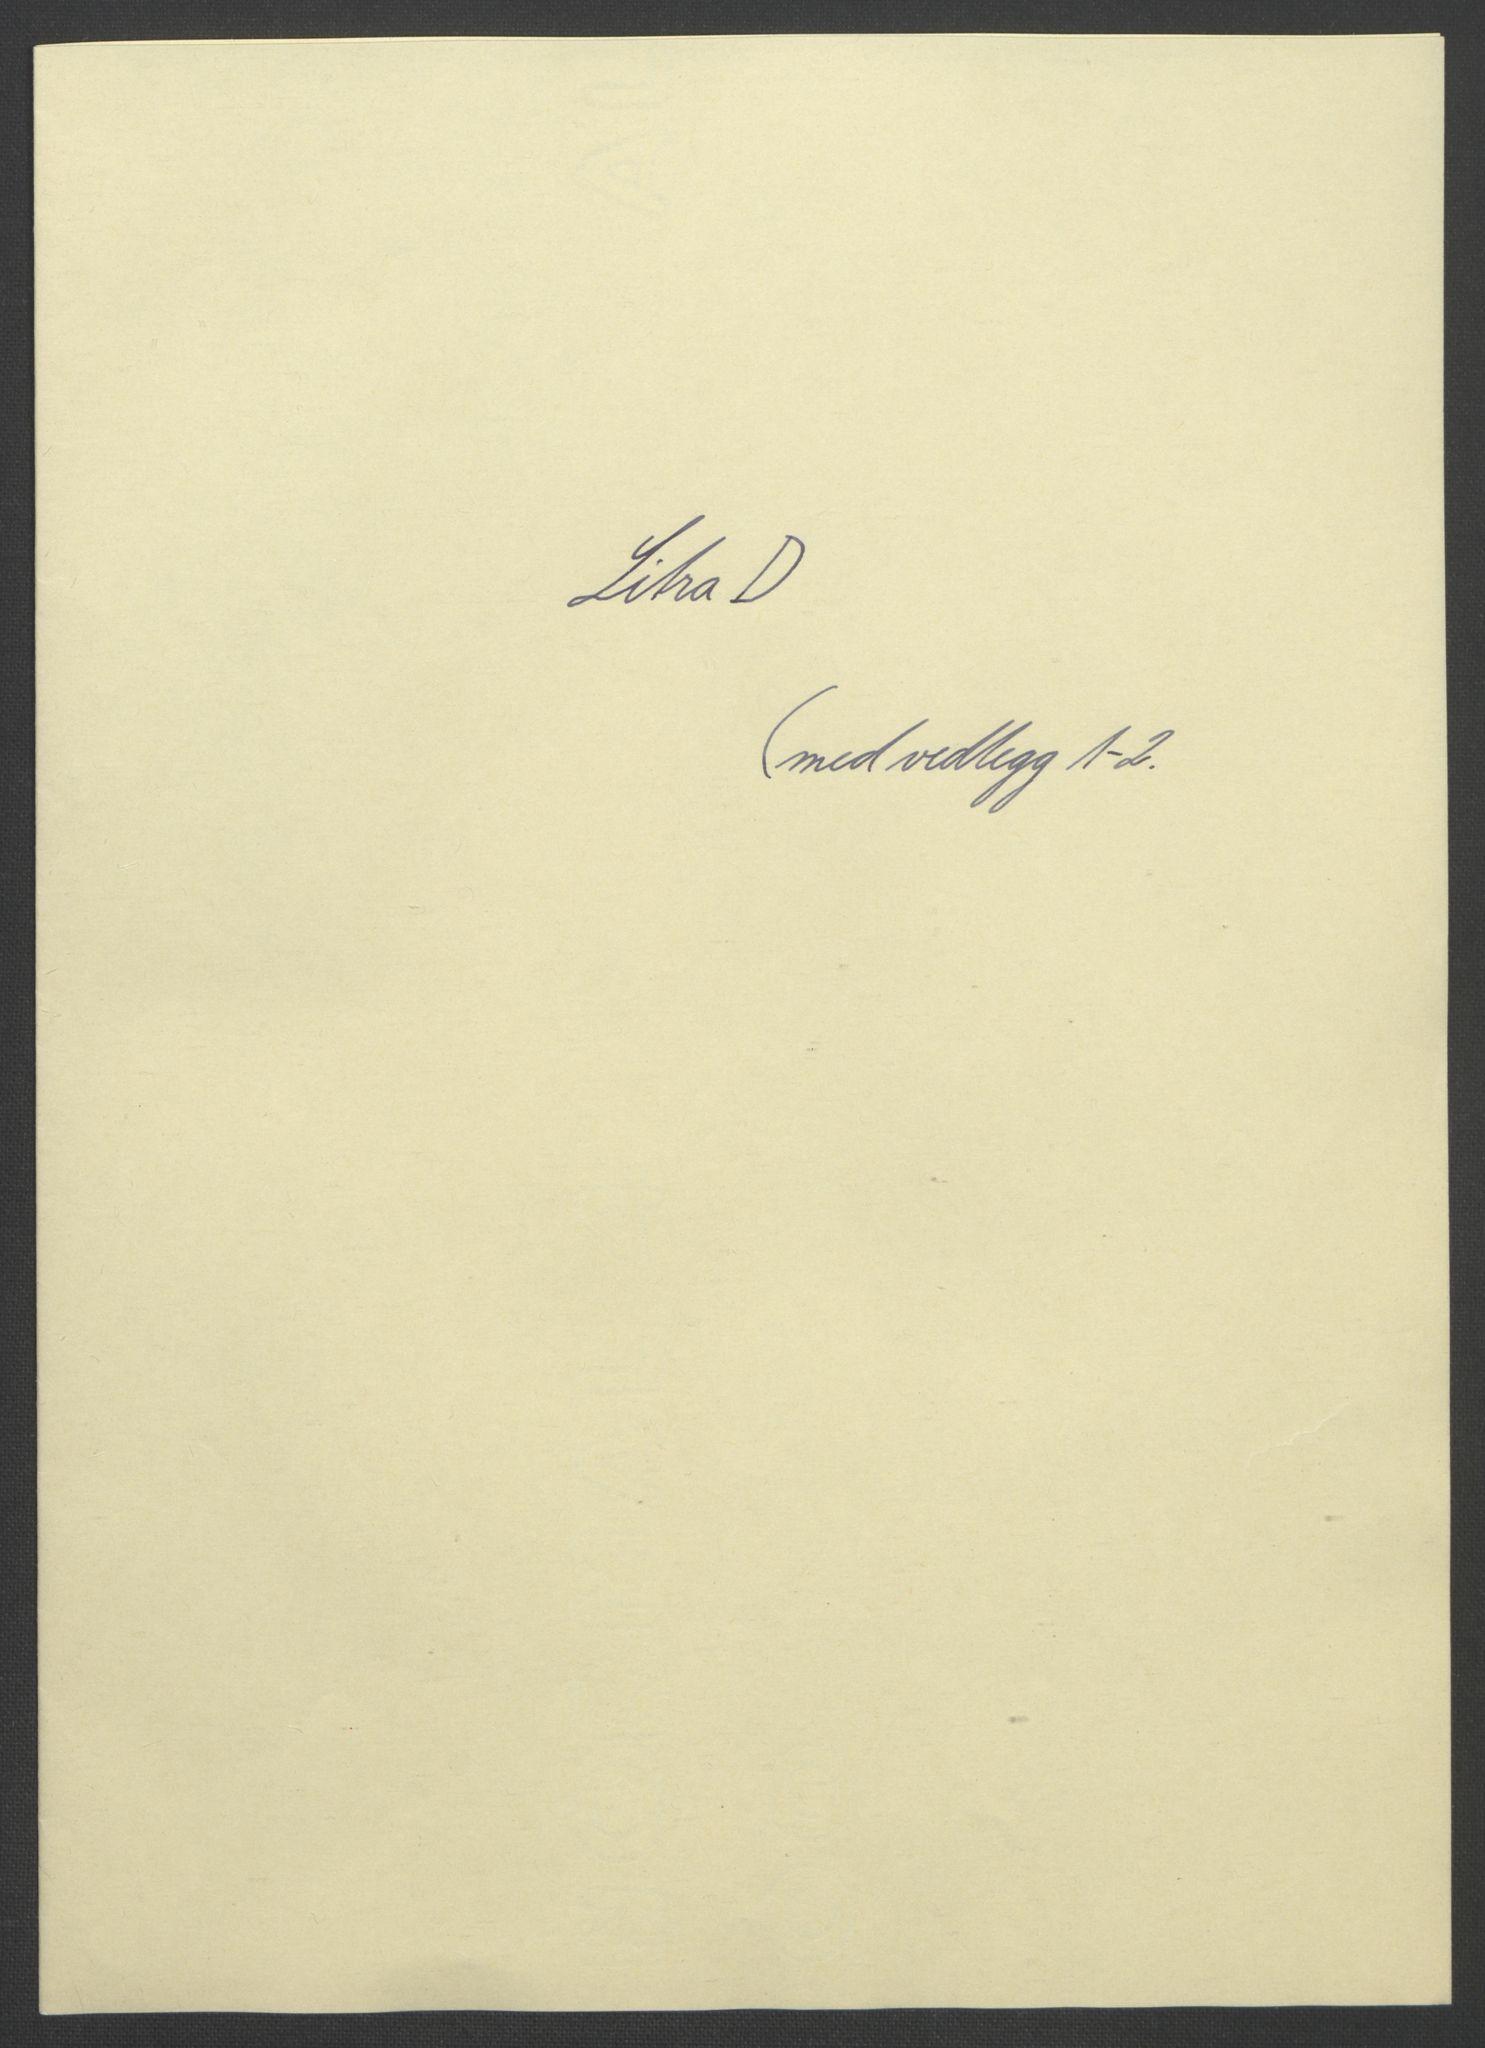 RA, Rentekammeret inntil 1814, Reviderte regnskaper, Fogderegnskap, R47/L2857: Fogderegnskap Ryfylke, 1694-1696, s. 260